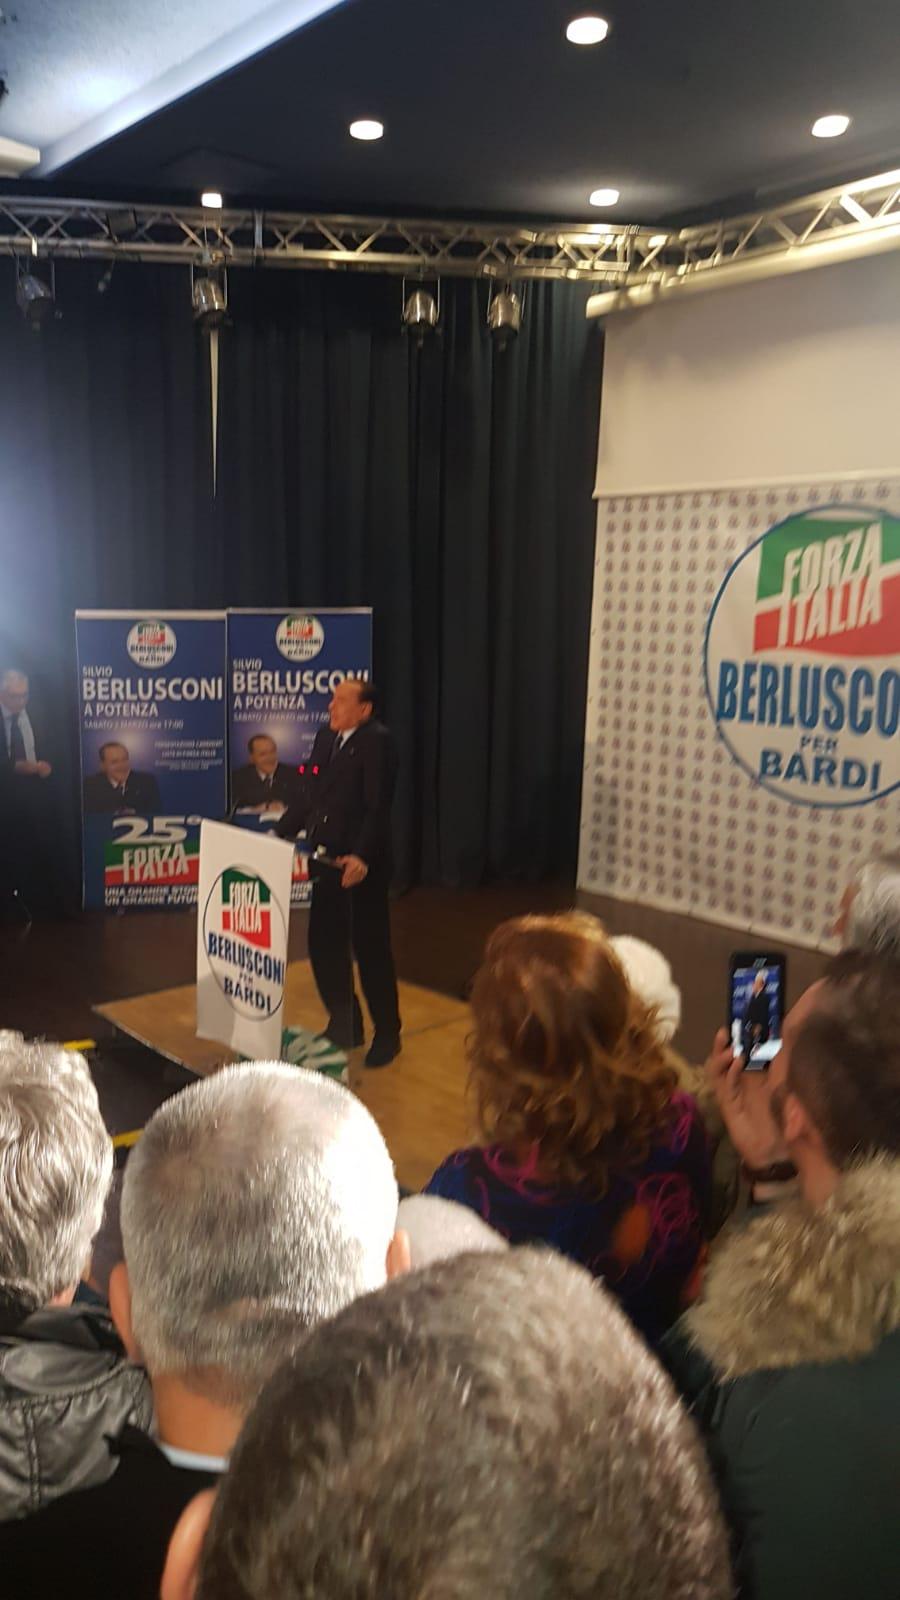 2 marzo Berlusconi a POtenza si stizzisce